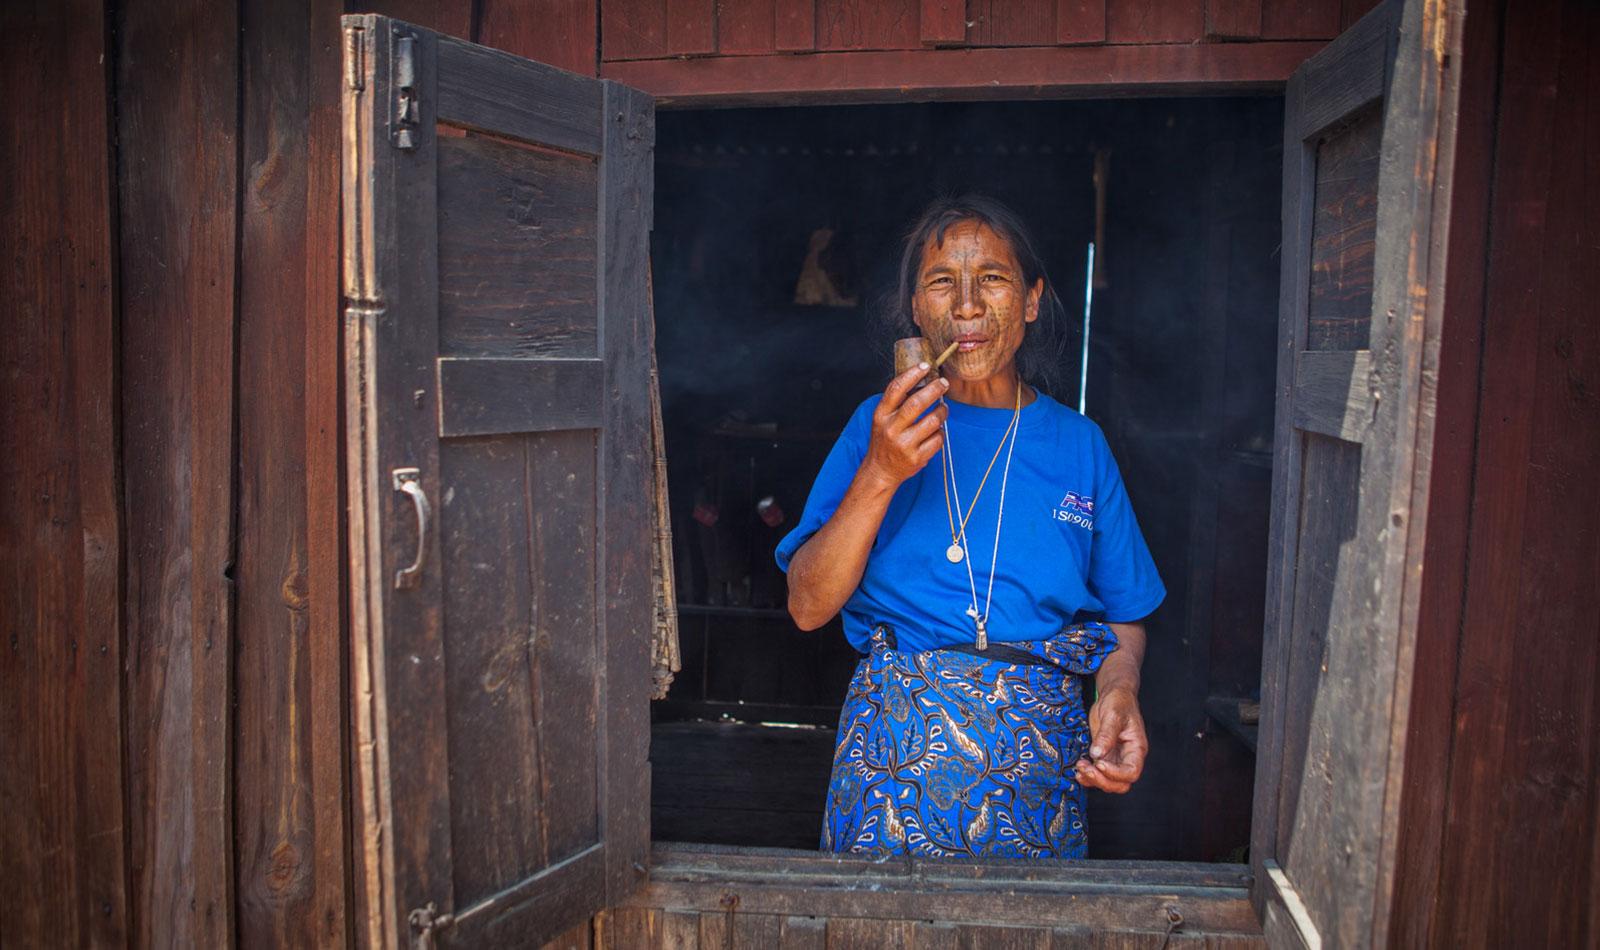 Myanmar-Chin-State-Tattooed-Faces-Woman-Smoking.jpg